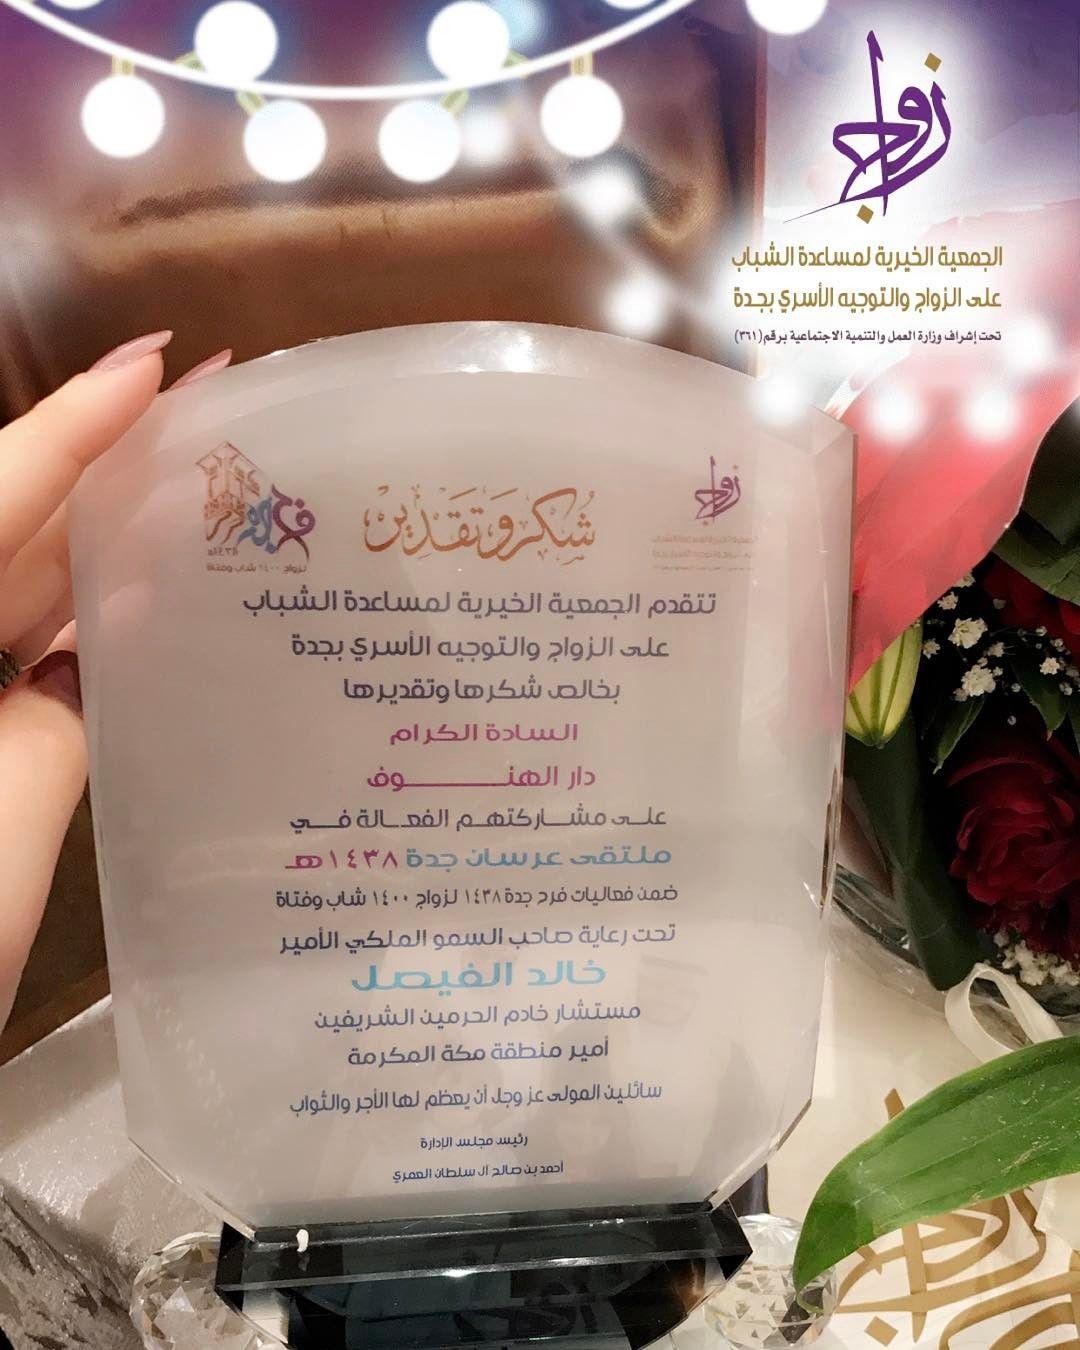 الجمعية الخيرية لمساعدة الشباب على الزواج بمكة المكرمة